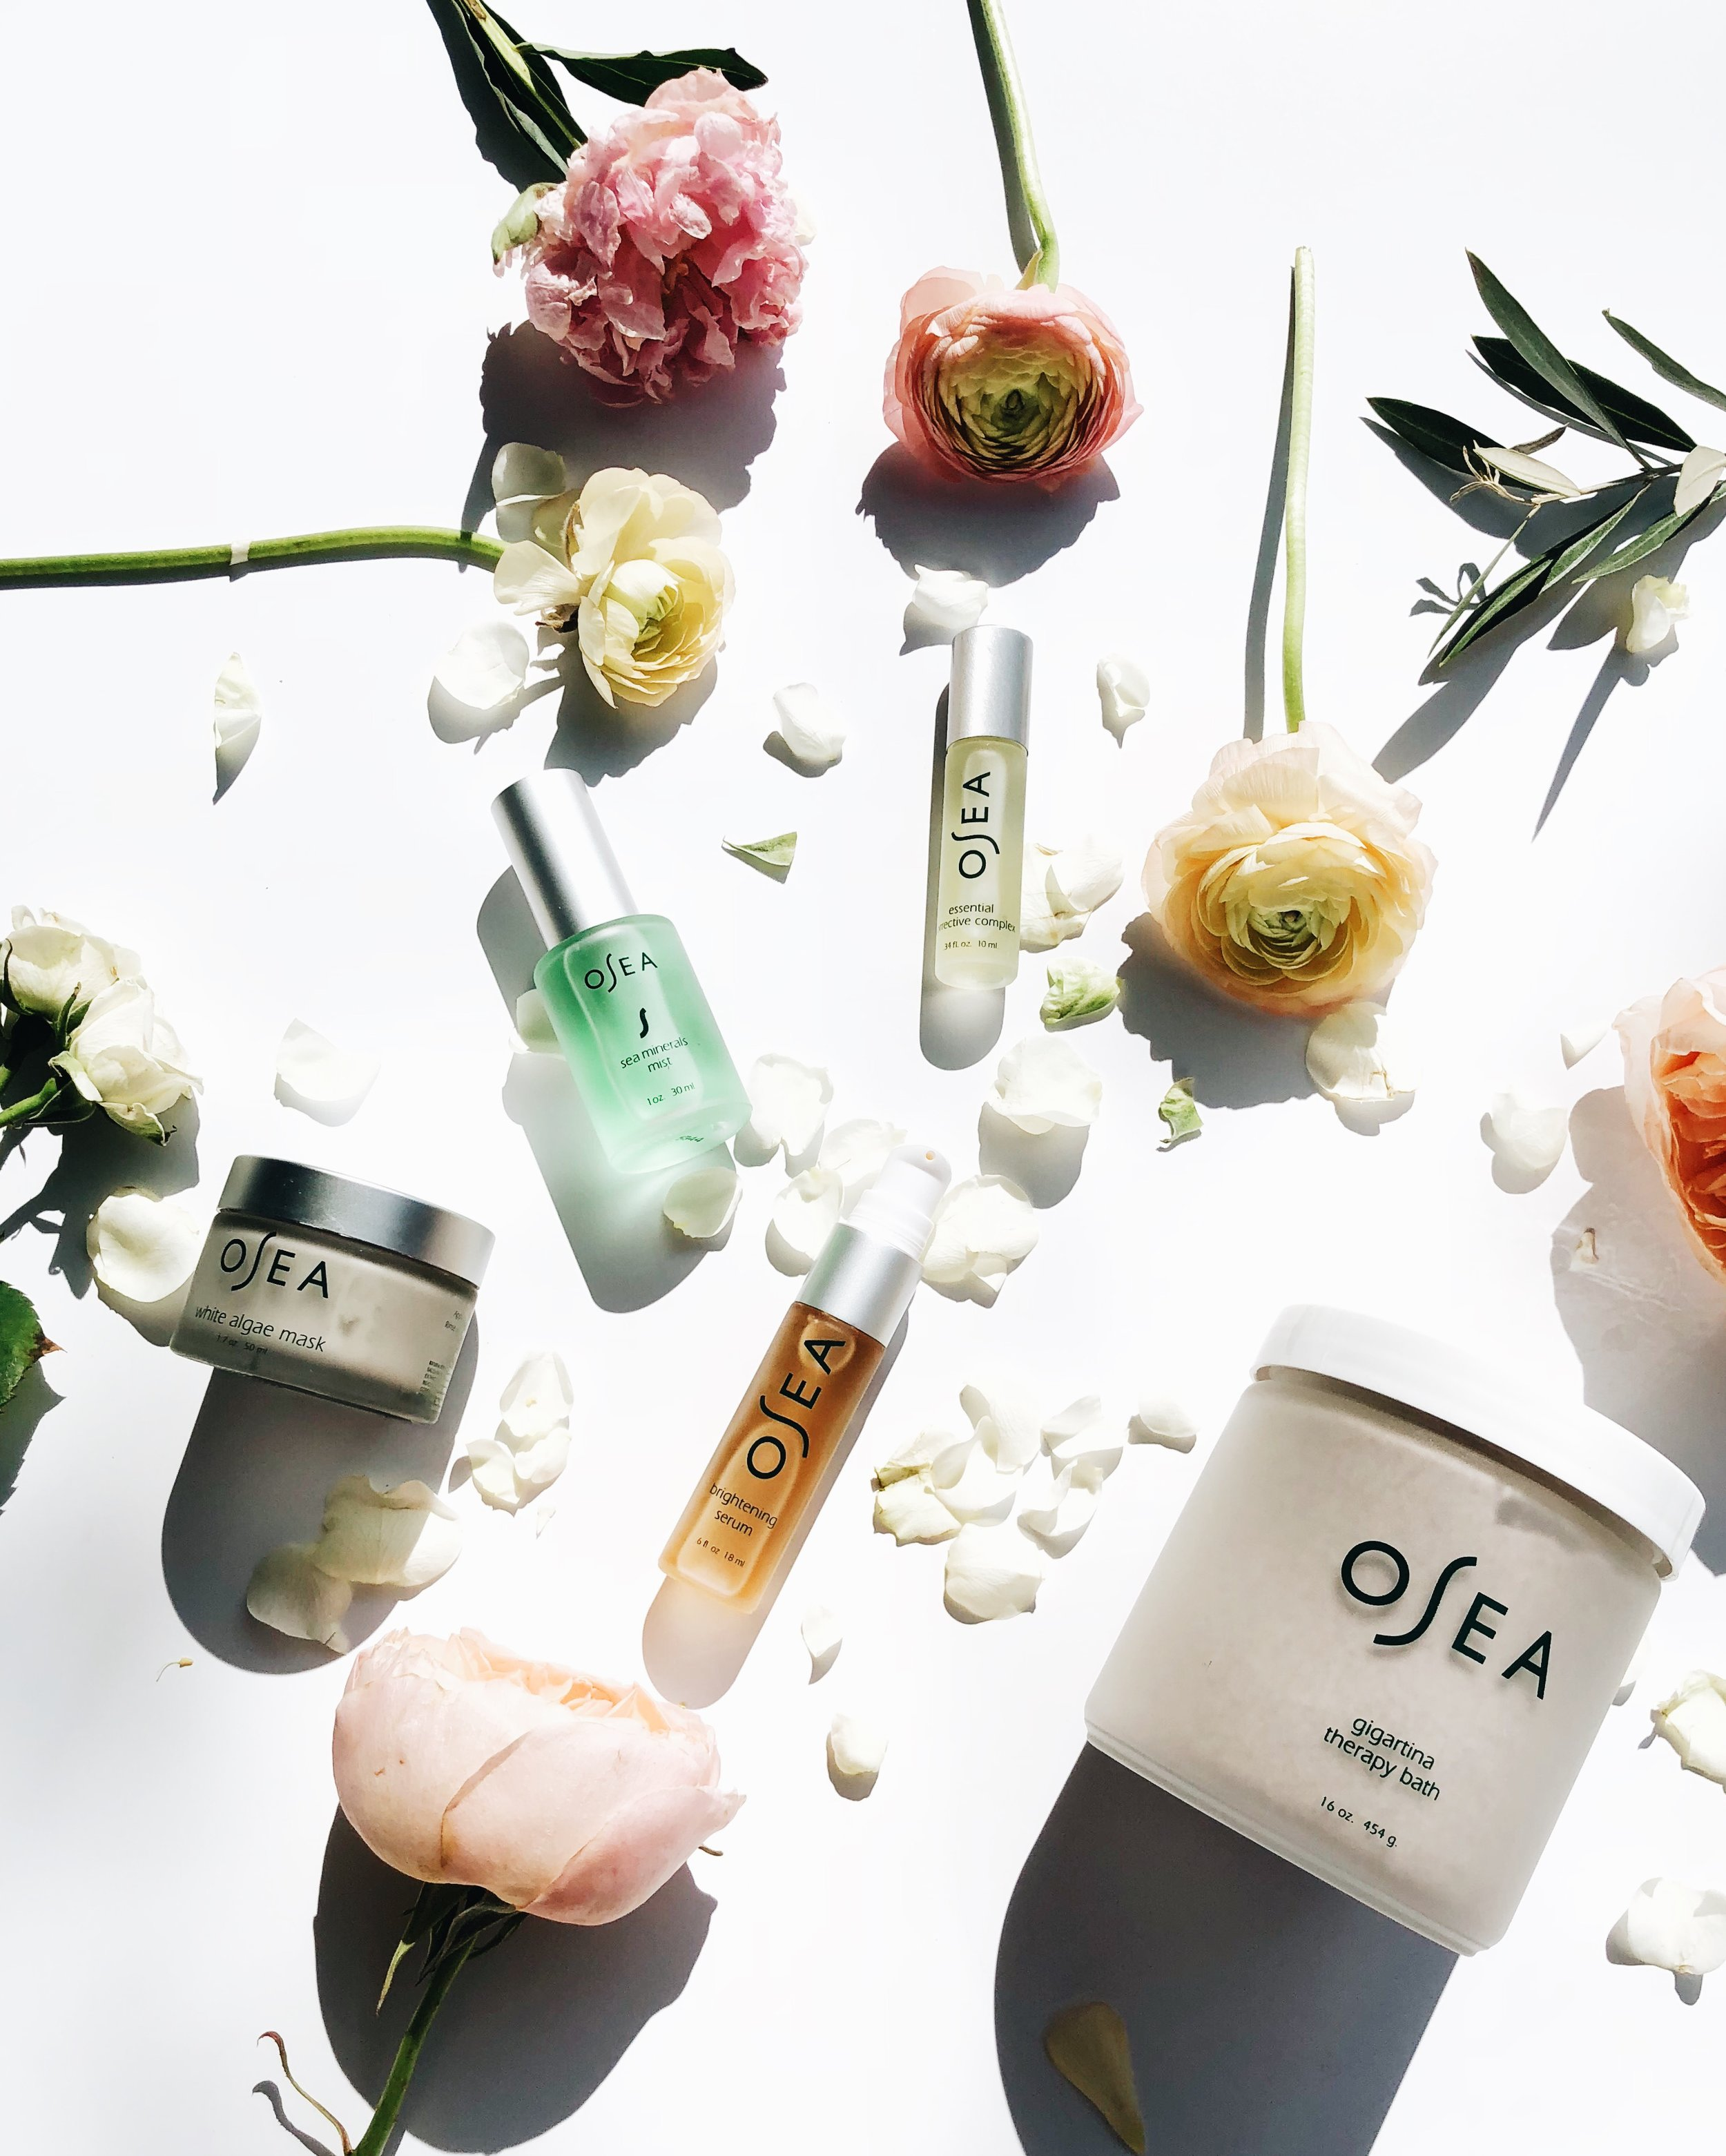 OSEA-skincare